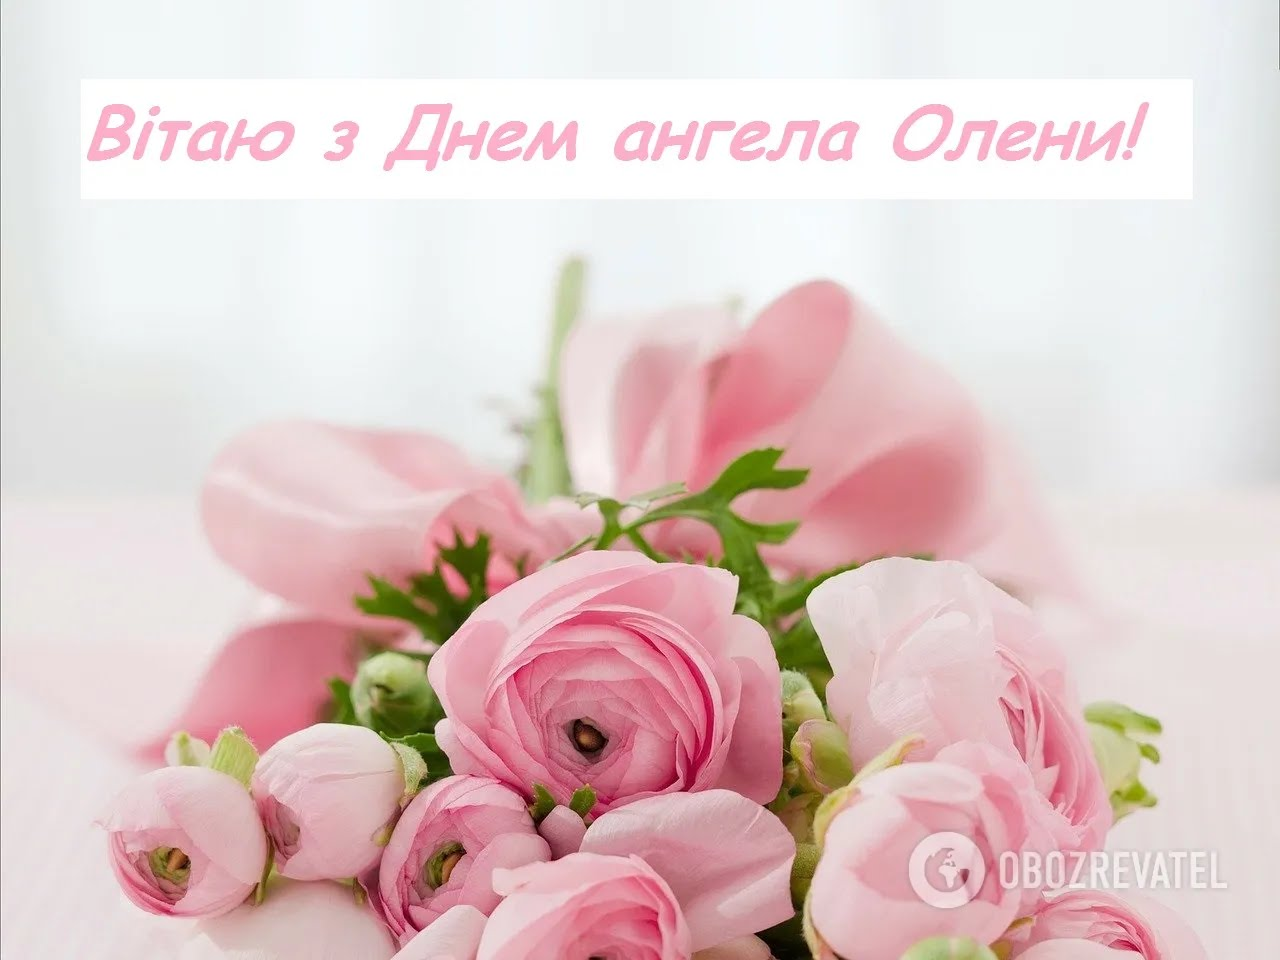 З Днем ангела Олени